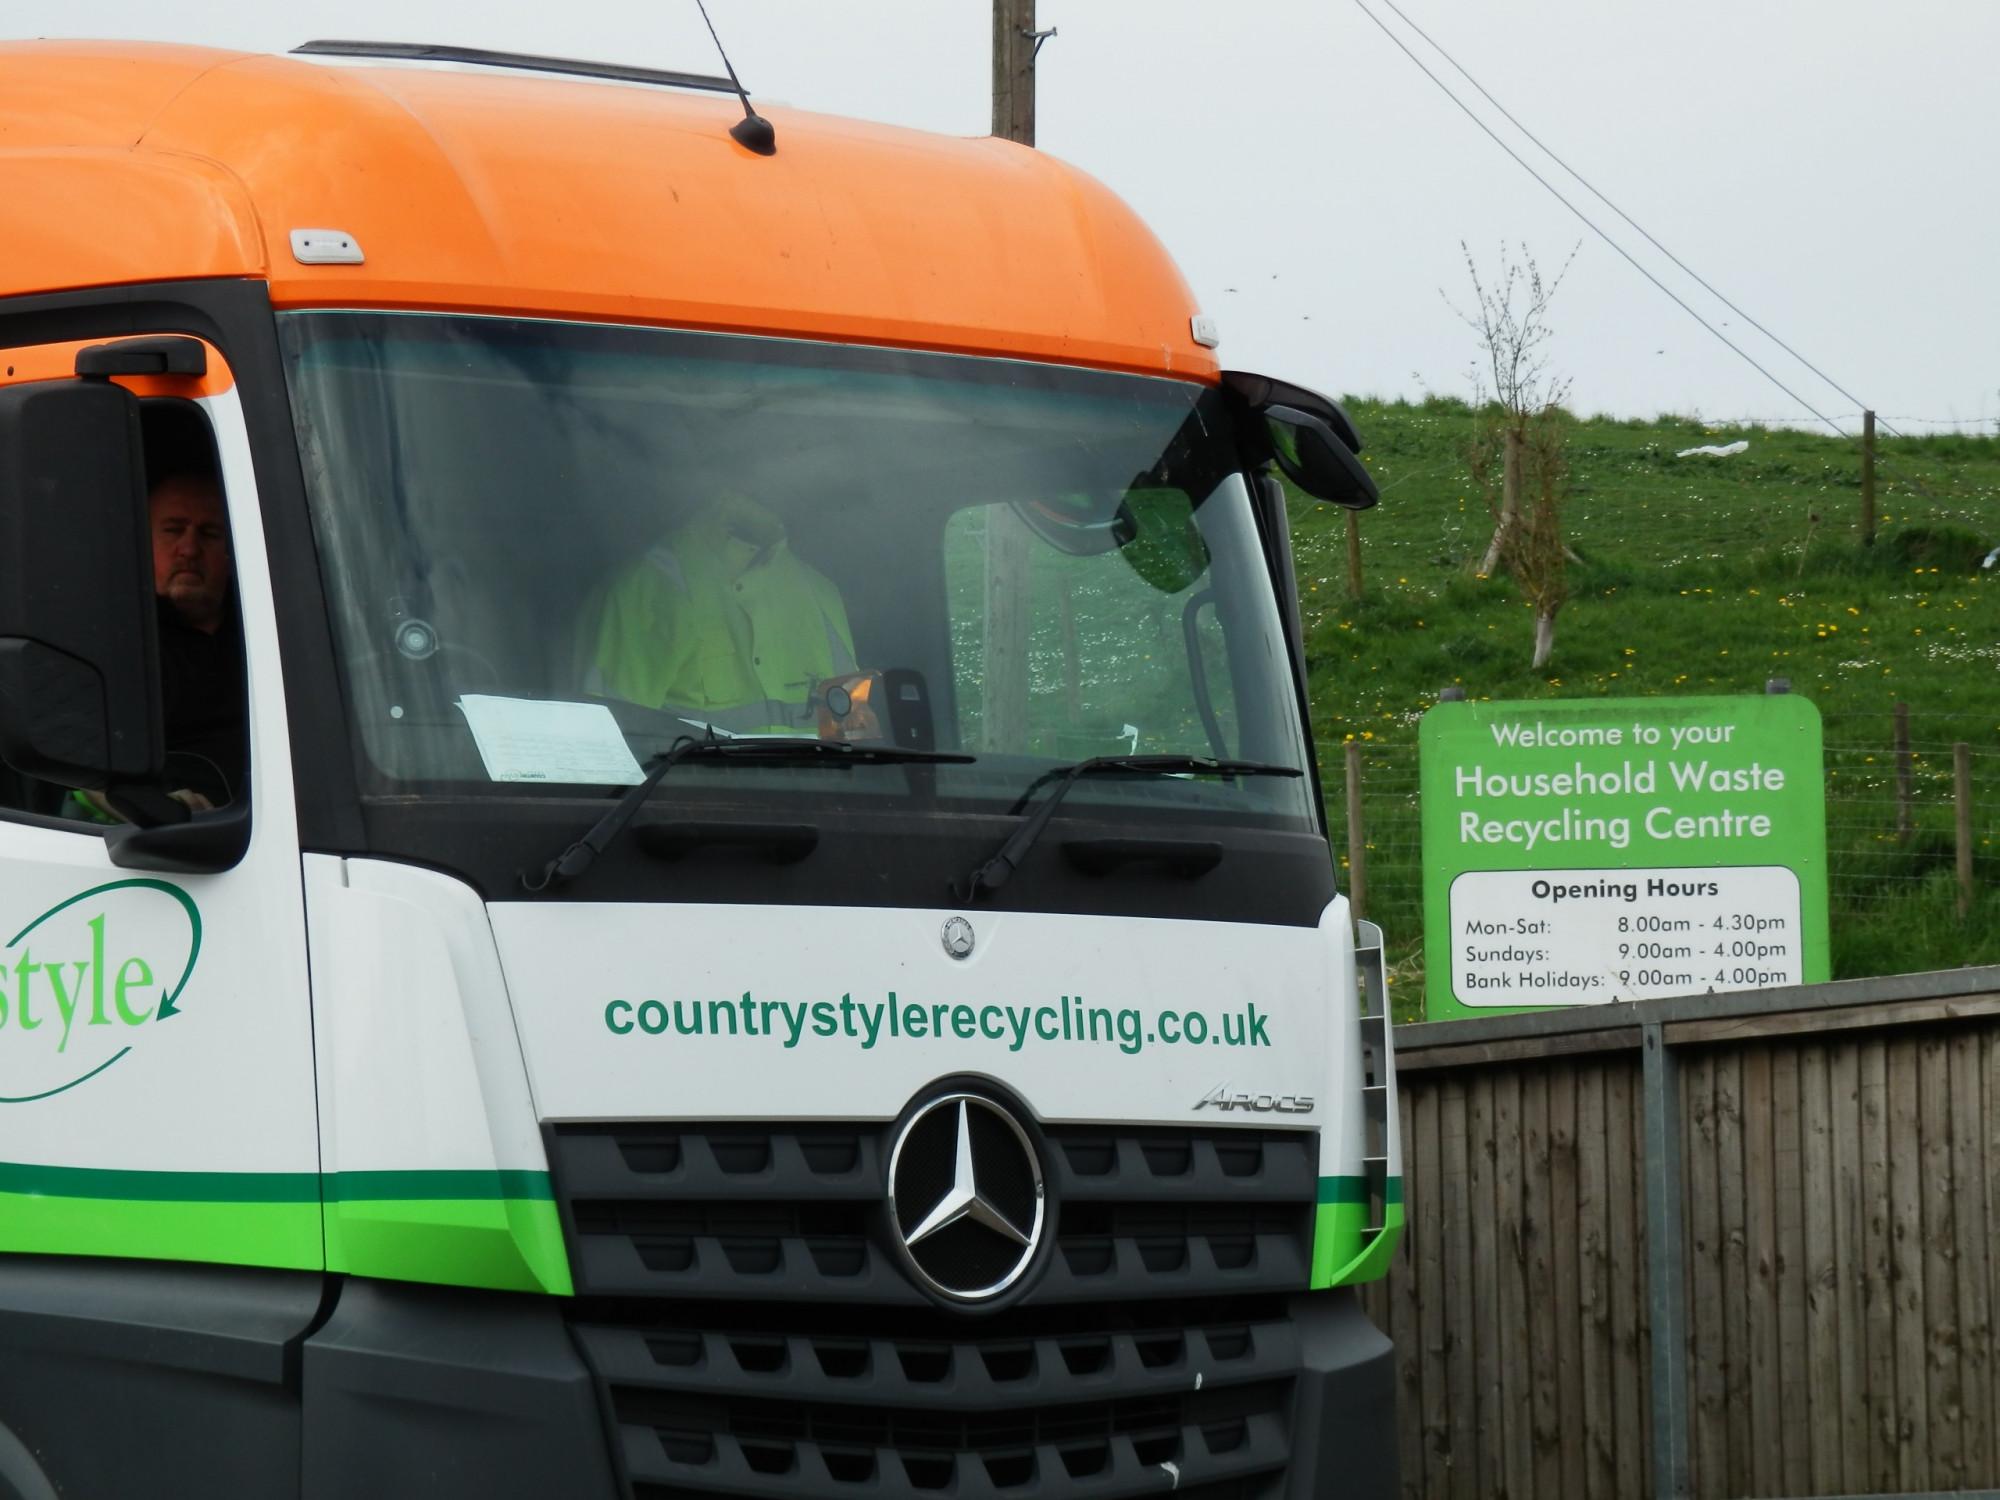 Commercial Services Ltd, North Farm at Tunbridge Wells and Dunbrik at Sevenoaks